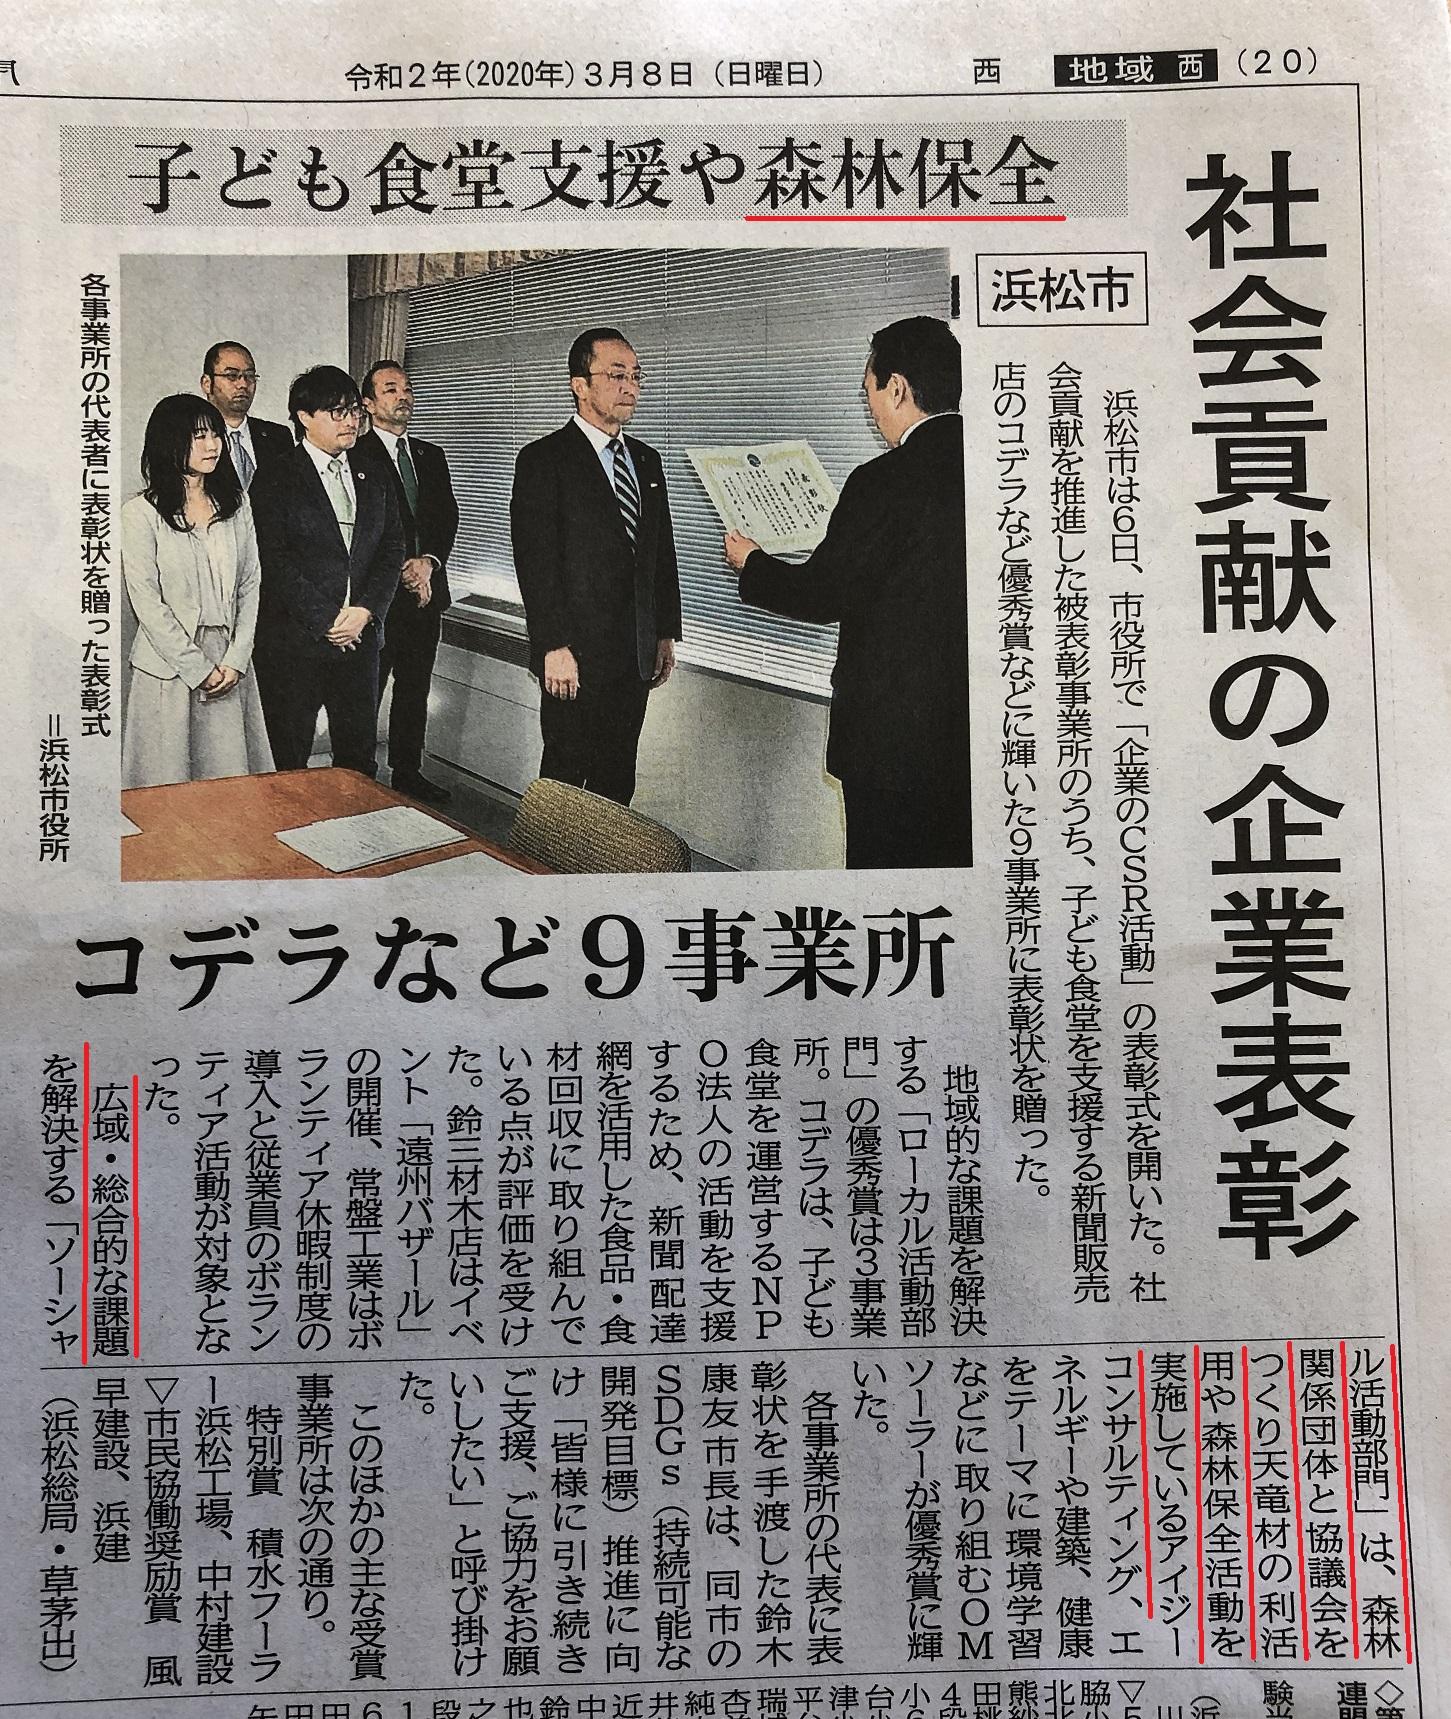 静岡新聞に掲載 浜松CSR表彰 IGスタイルハウス